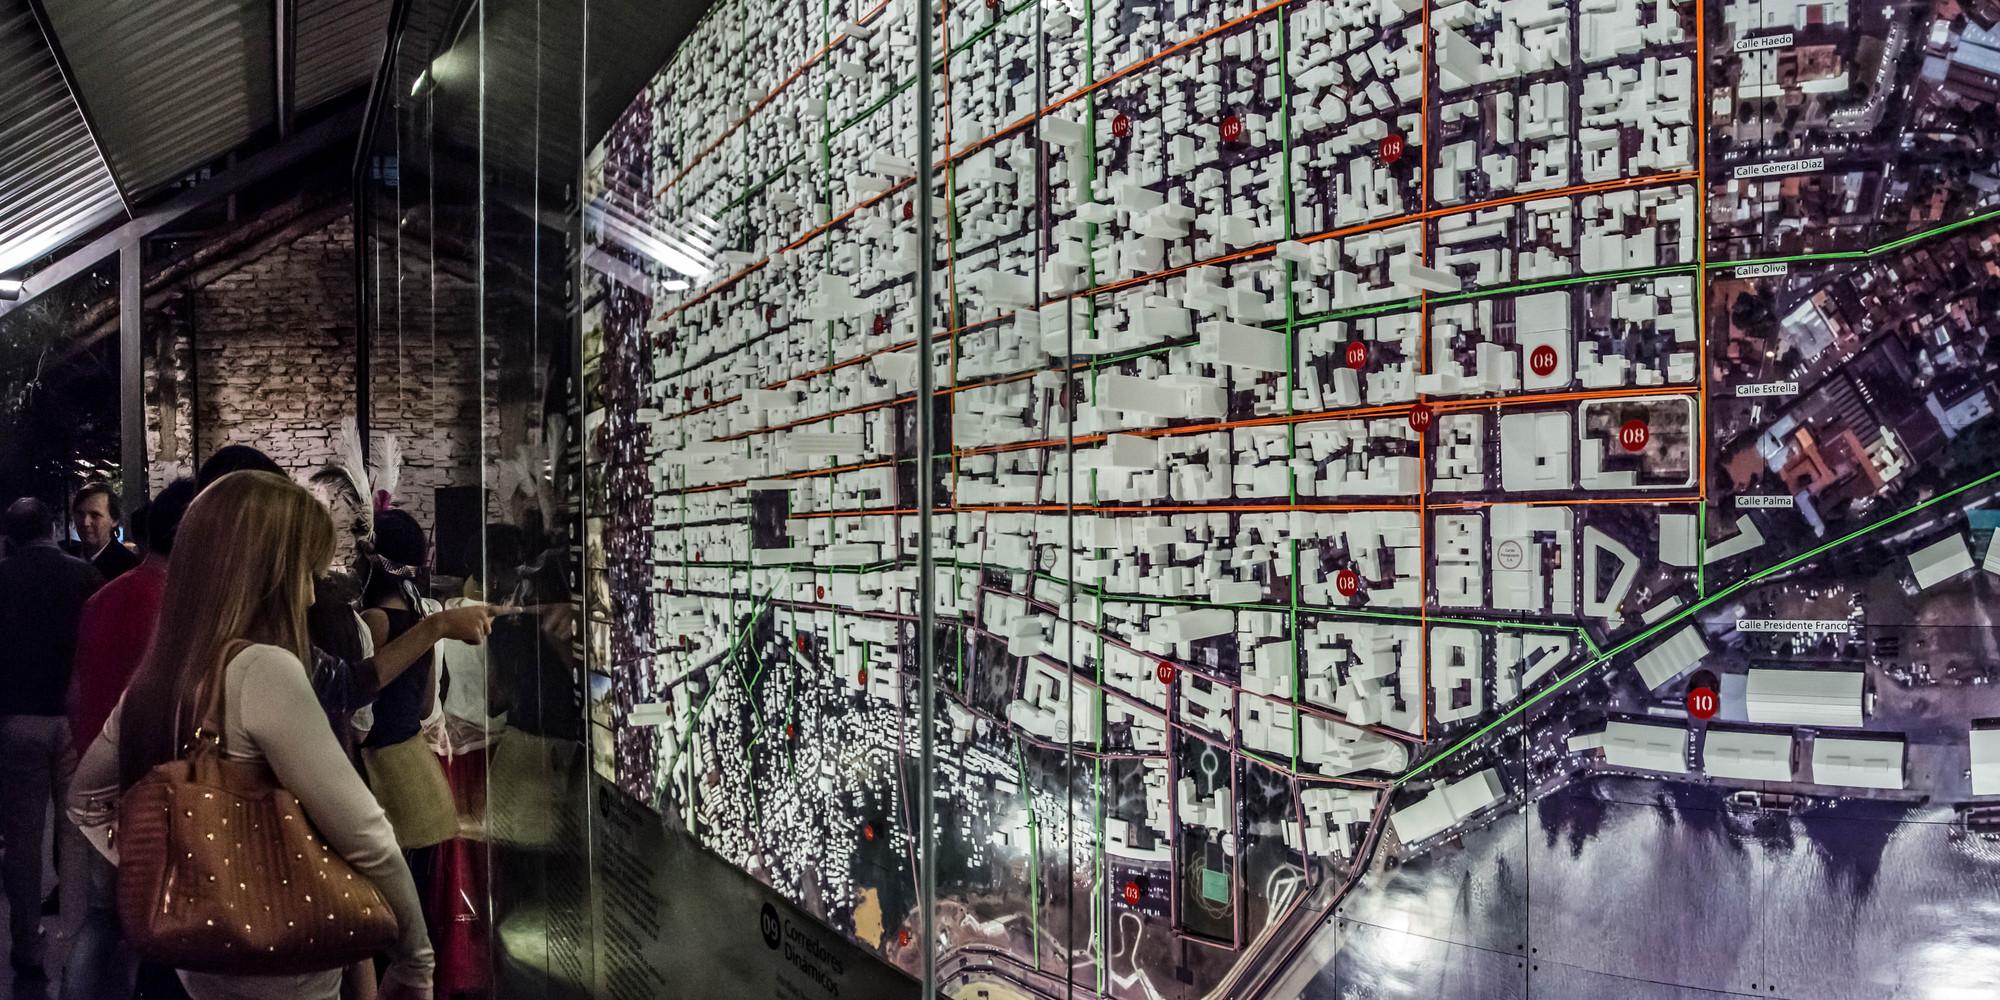 Plan CHA: presentan al público el plan maestro del centro histórico de Asunción, Presentación pública de Plan CHA. Image © Juan Carlos Meza